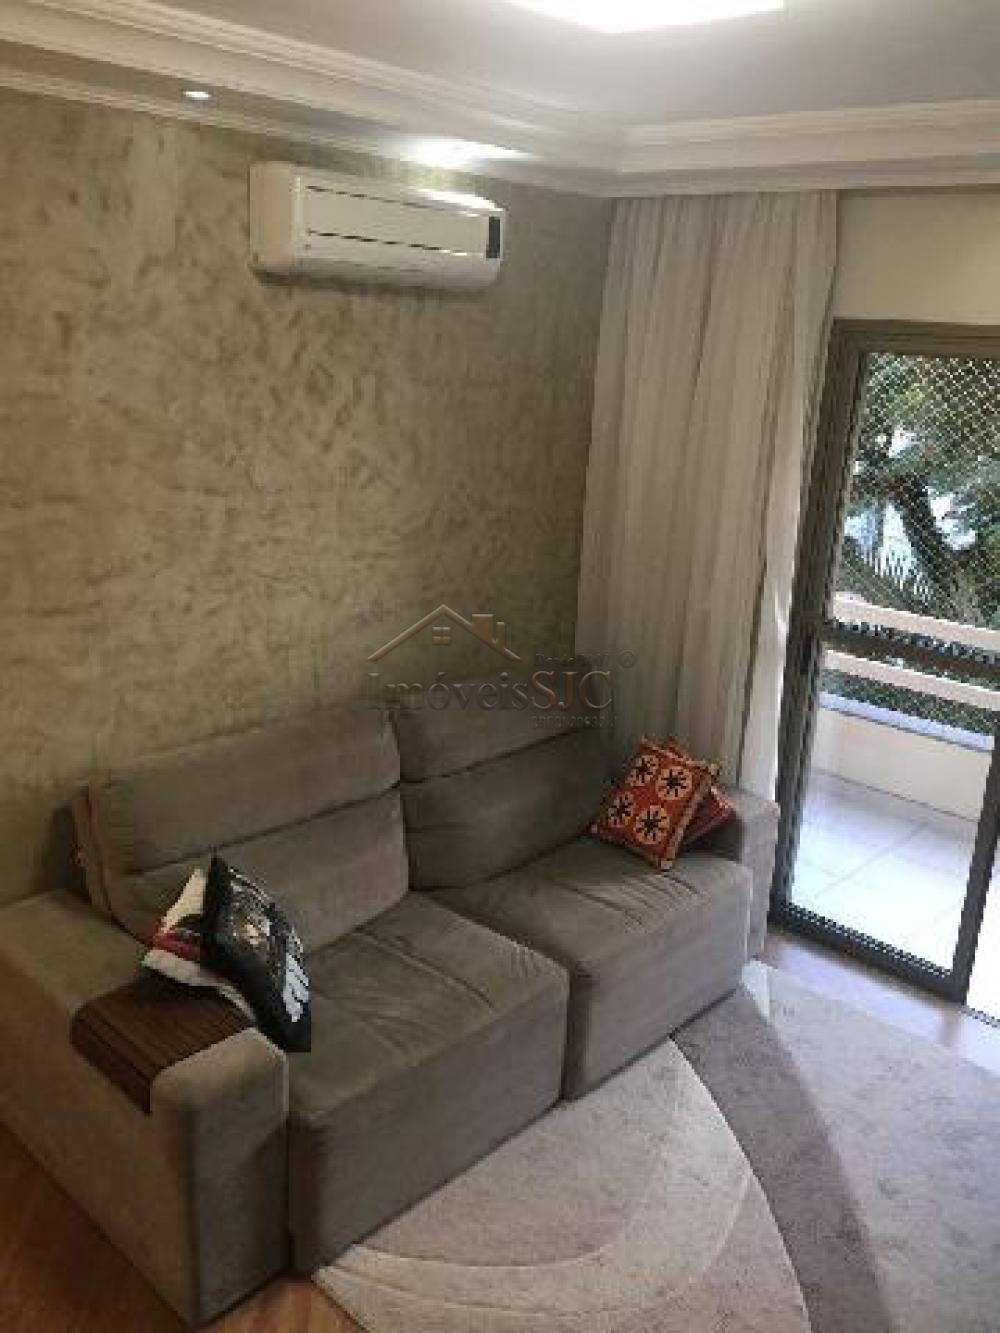 Alugar Apartamentos / Padrão em São José dos Campos apenas R$ 1.600,00 - Foto 2